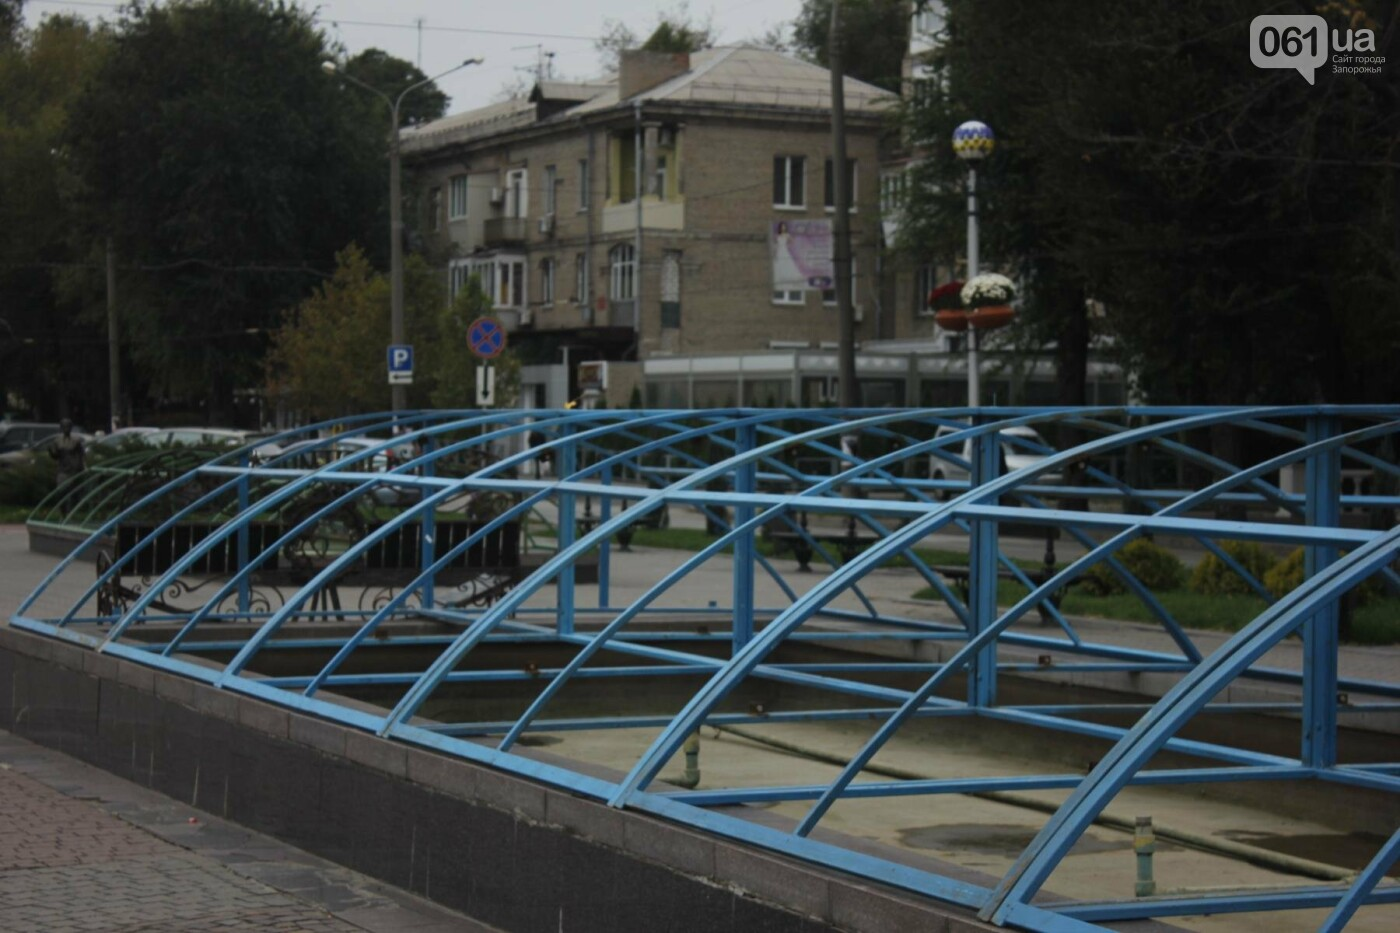 Зима близко: в Запорожье законсервировали фонтаны, - ФОТО , фото-3